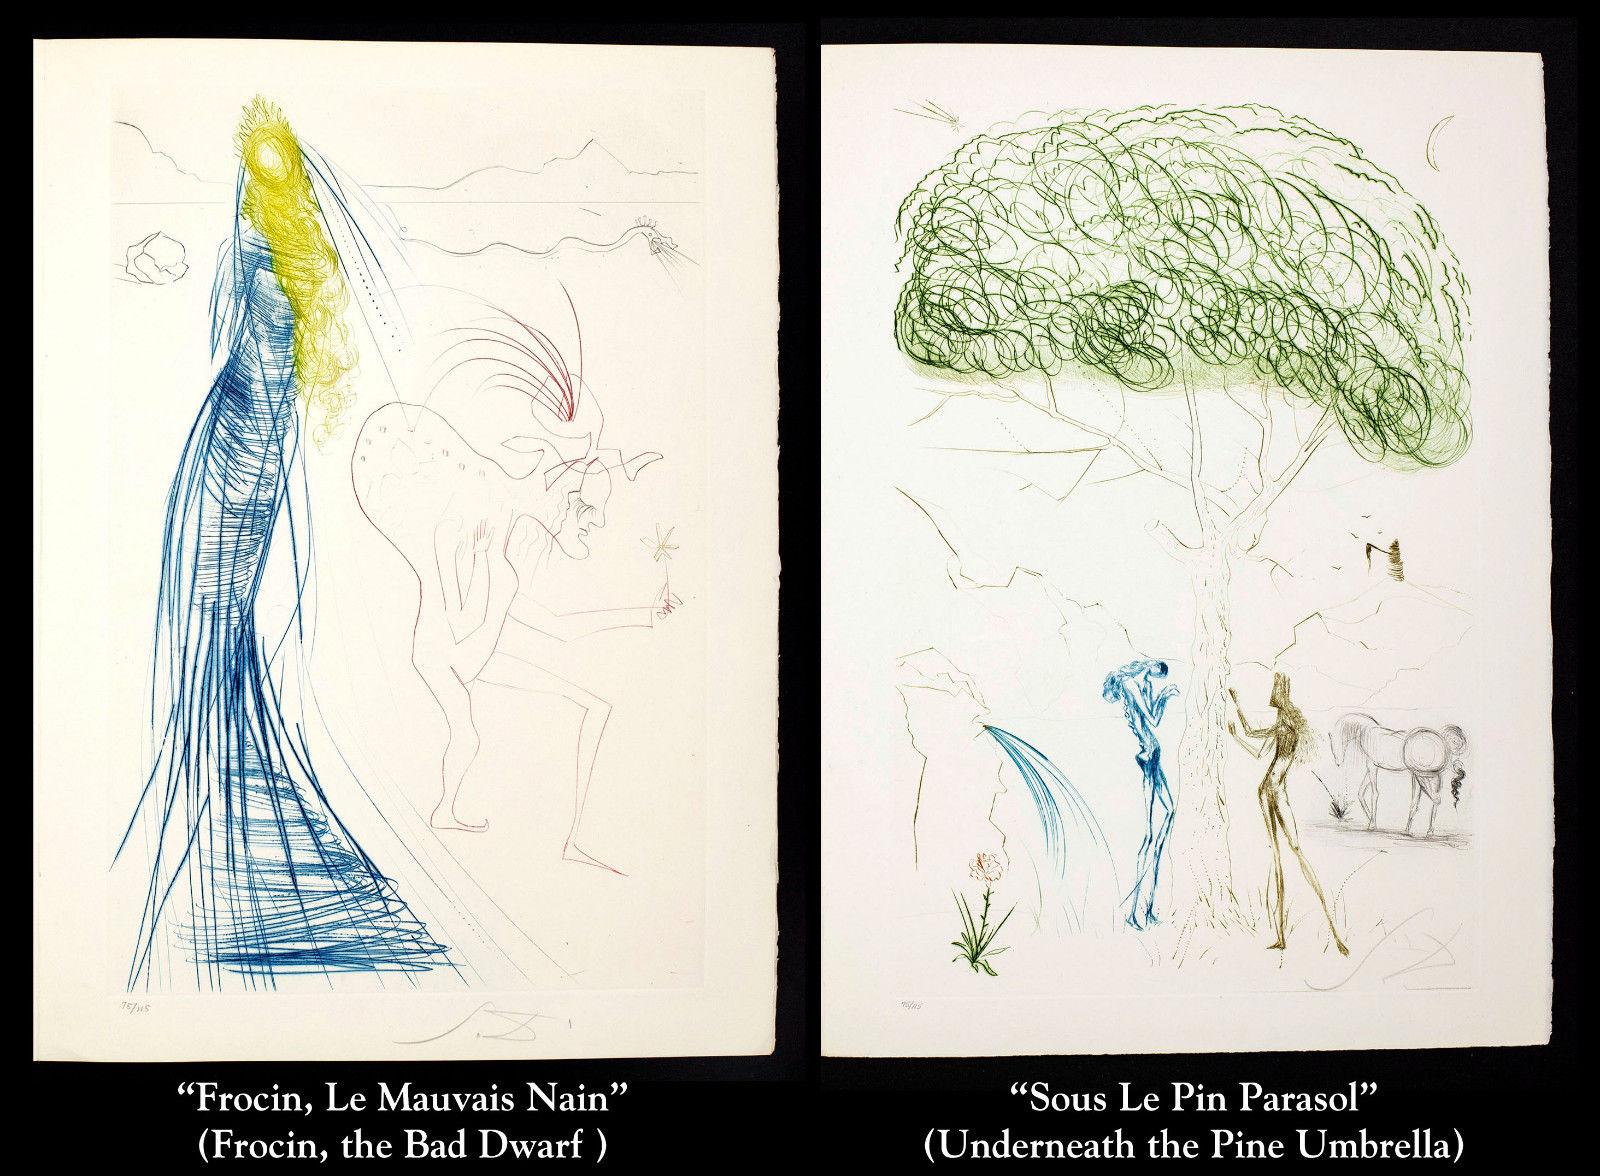 דאלי- סדרת איורים טריסטן ואיזודלה בתערוכה בגלריית אלטמן תל אביב (16)